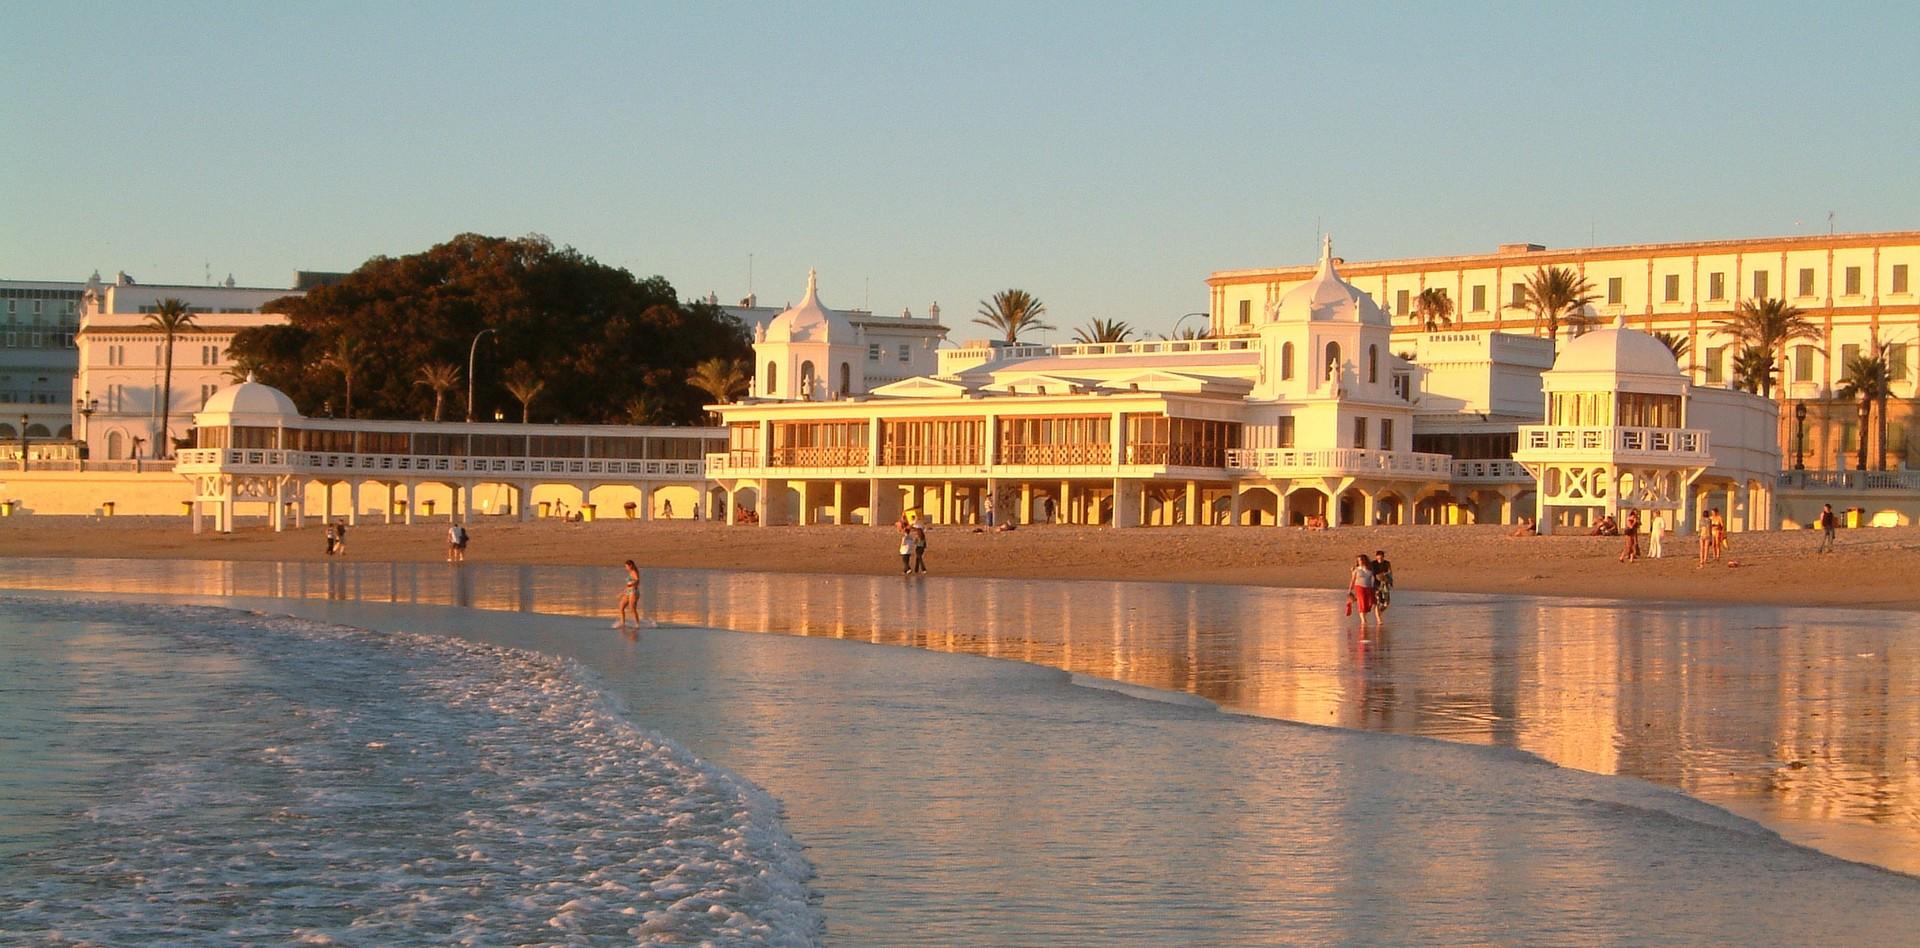 Expérience Erasmus à Cadiz, Espagne, par Baki